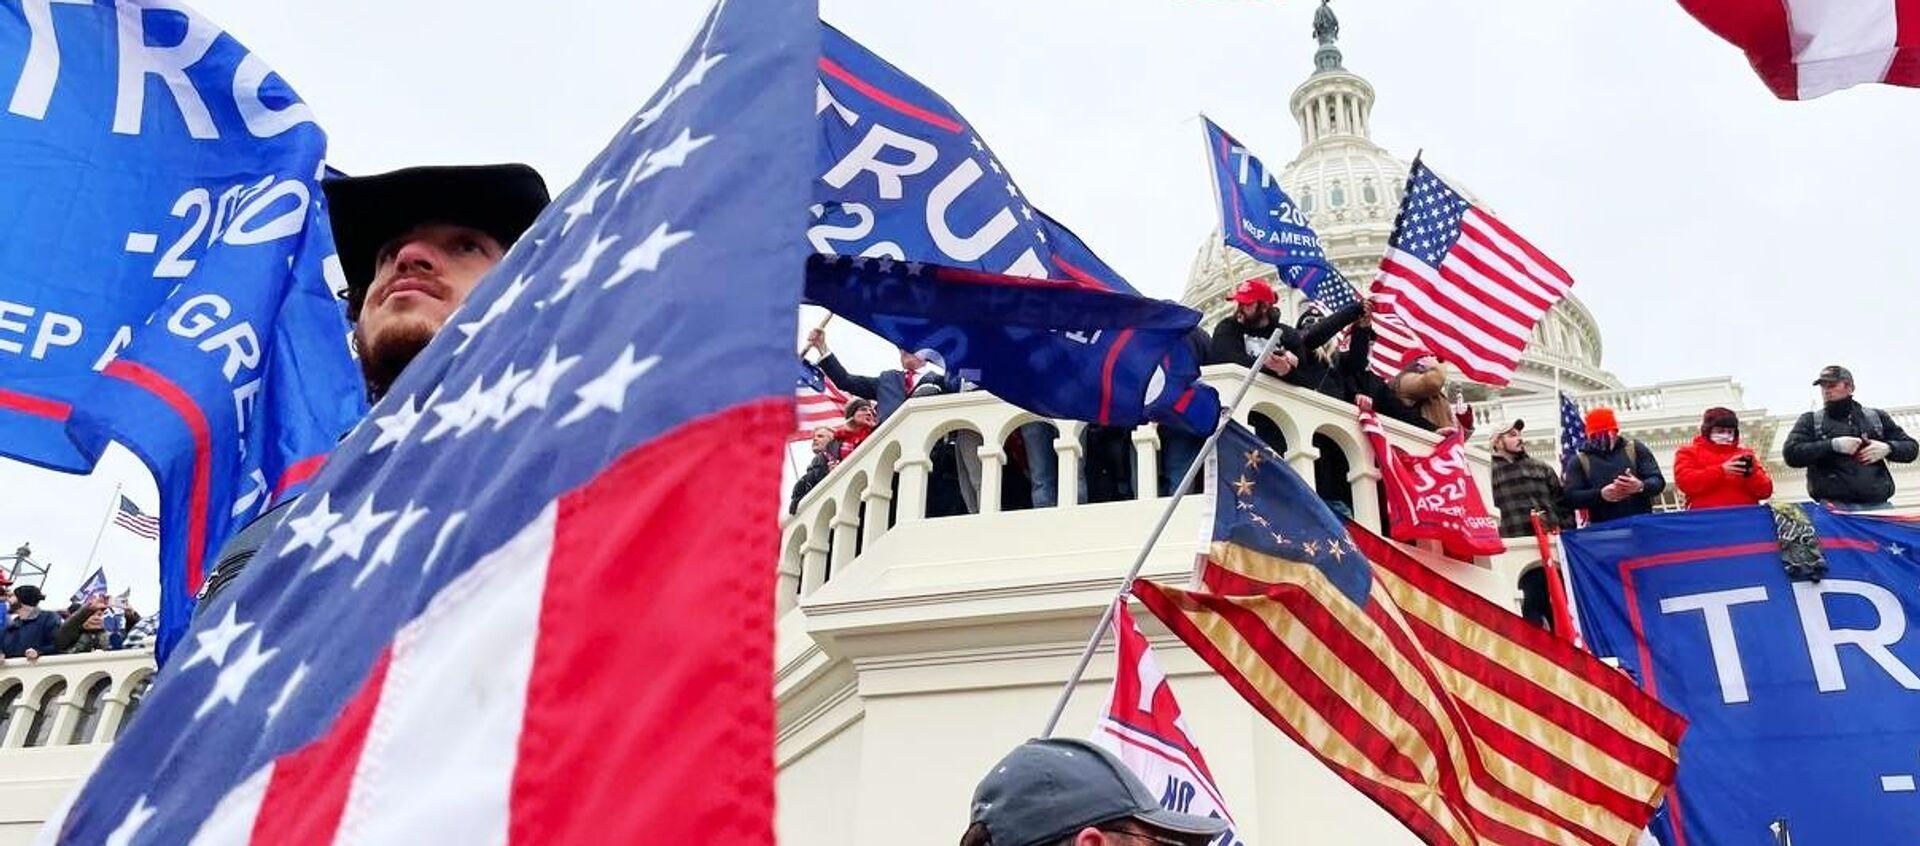 Участники акции протеста сторонников действующего президента США Дональда Трампа у здания конгресса в Вашингтоне  - Sputnik Узбекистан, 1920, 08.01.2021